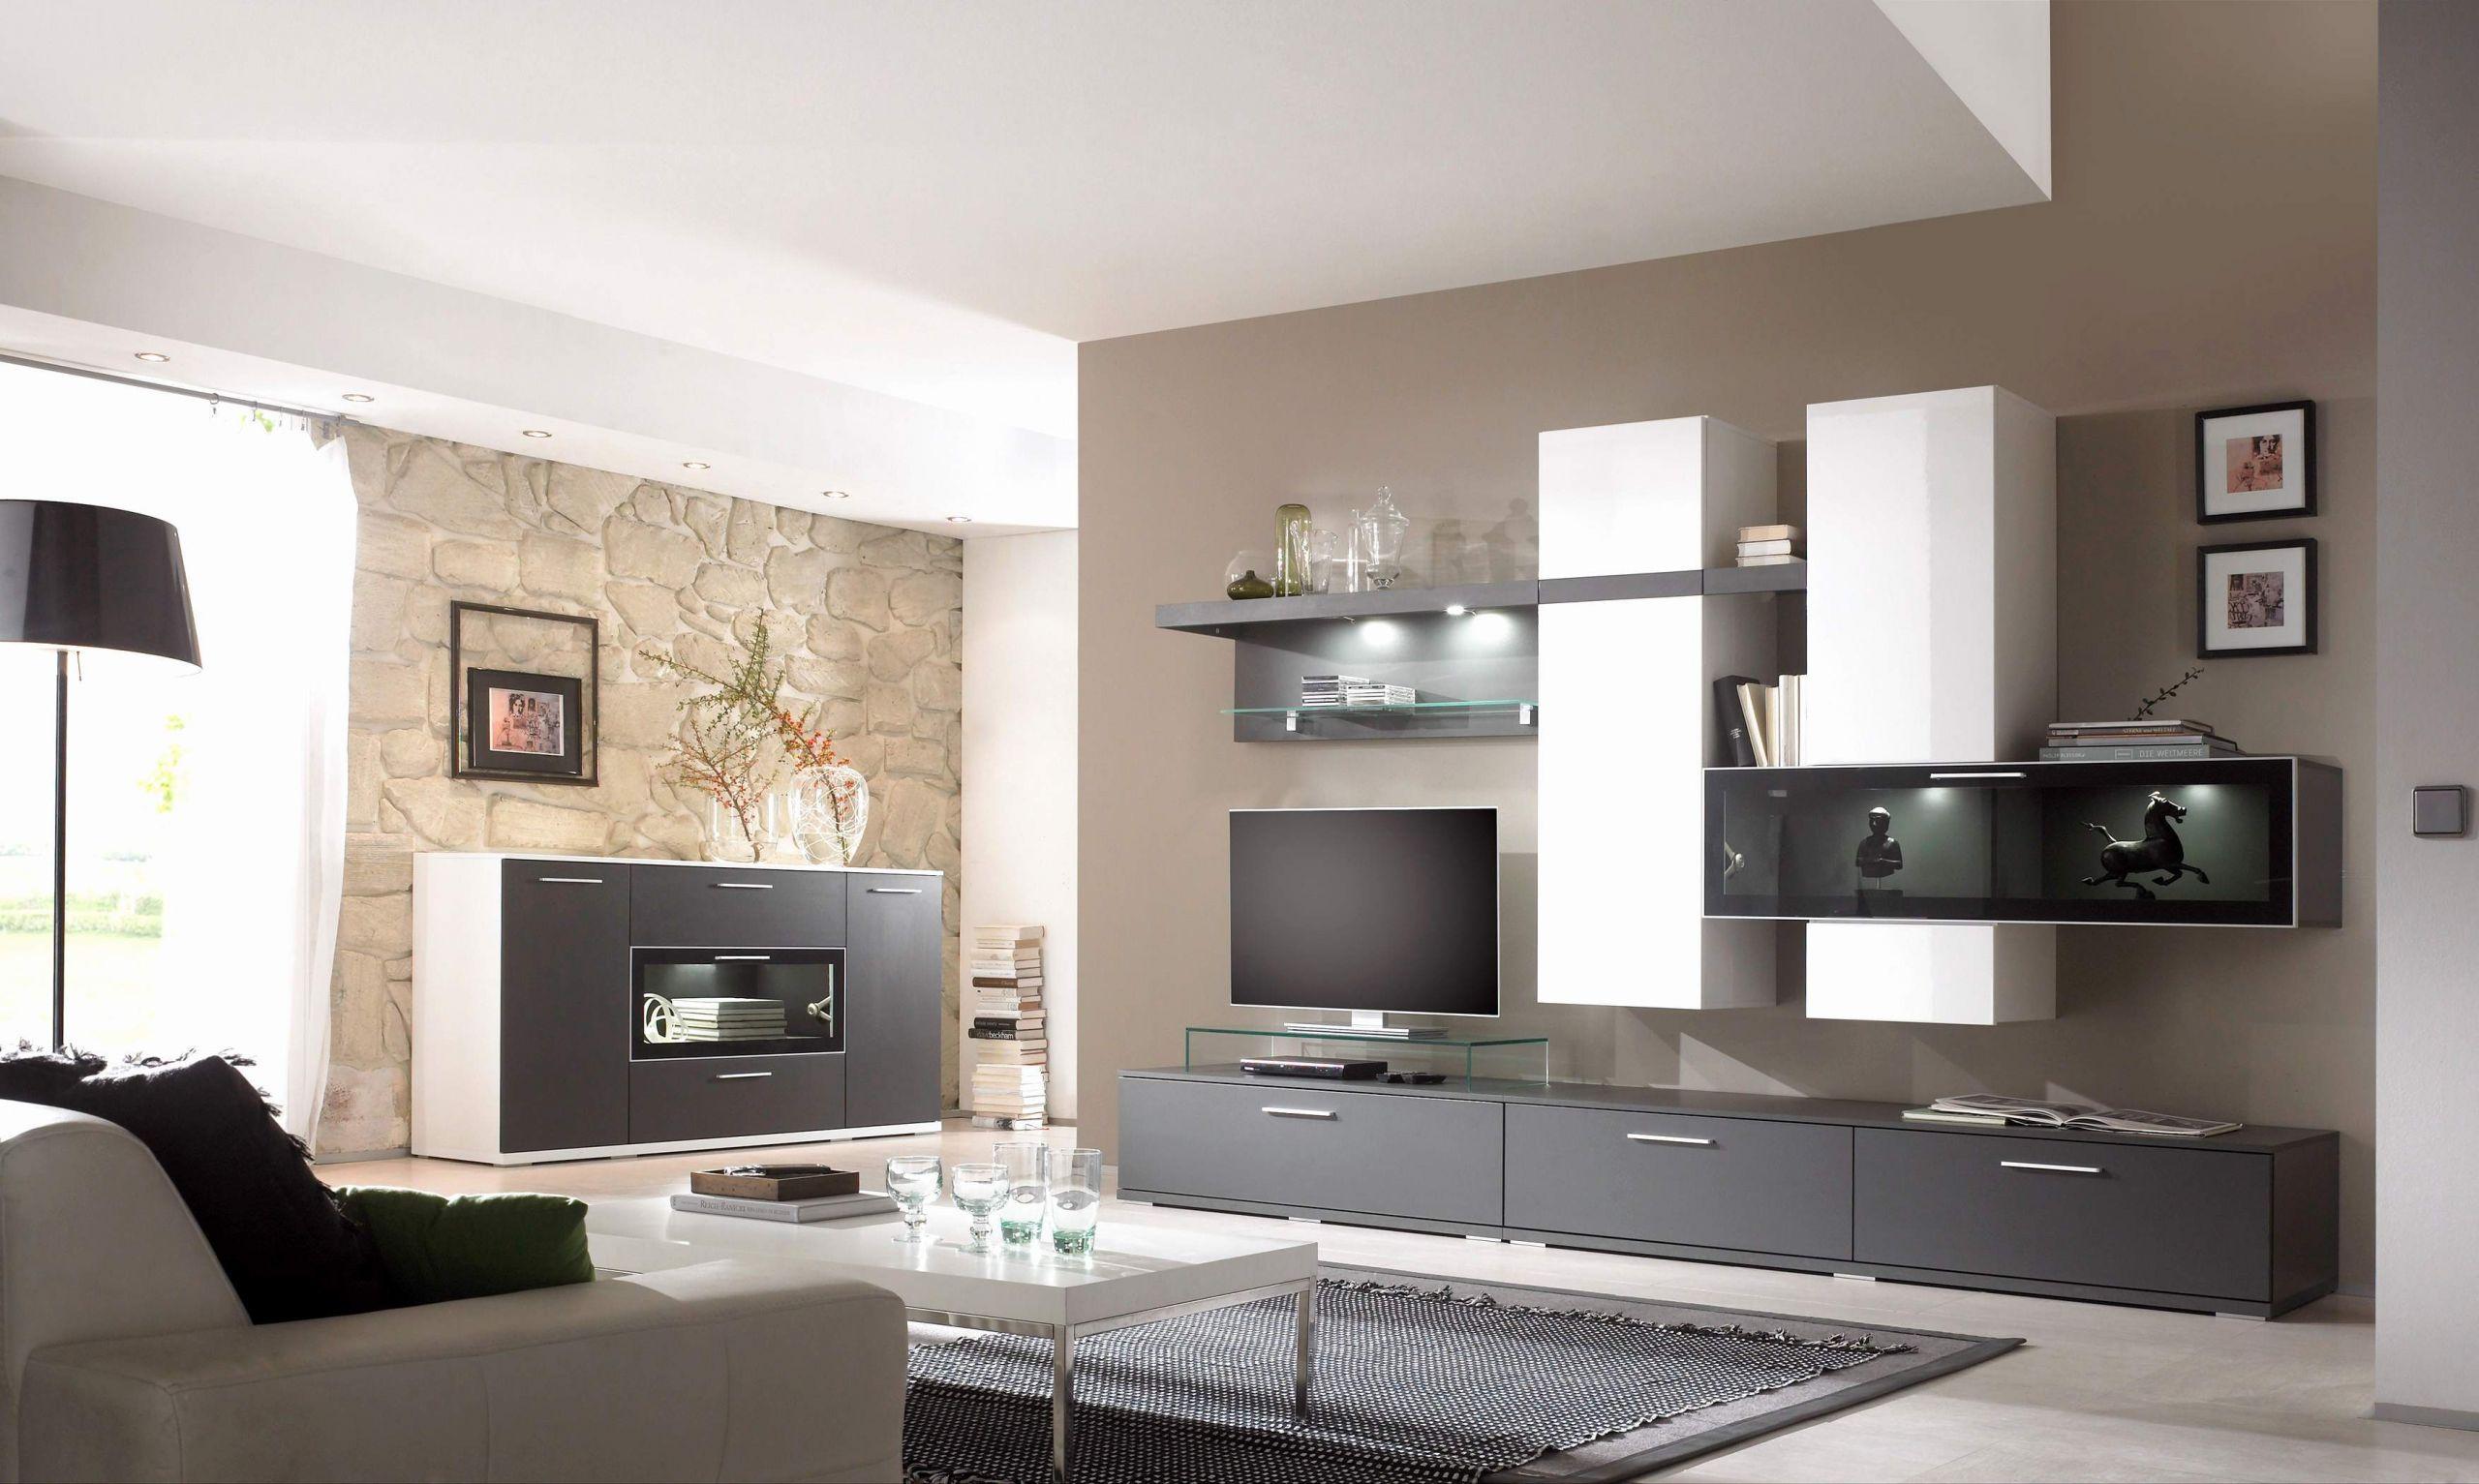 ideen furs wohnzimmer inspirierend neu bilder furs wohnzimmer of ideen furs wohnzimmer